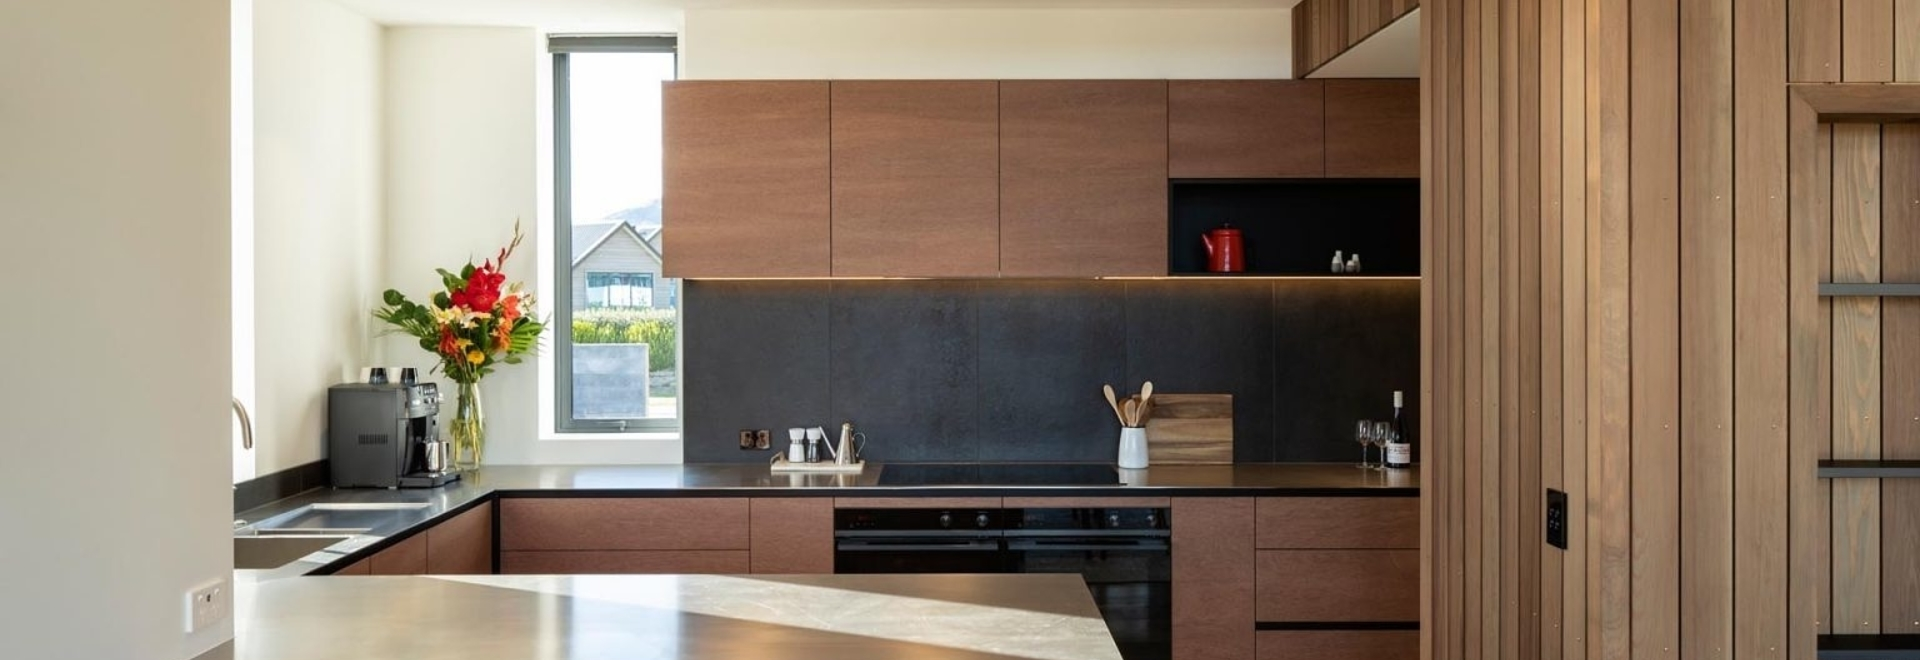 Le revêtement en bois vertical foncé de l'extérieur de cette maison moderne lui confère une forte personnalité